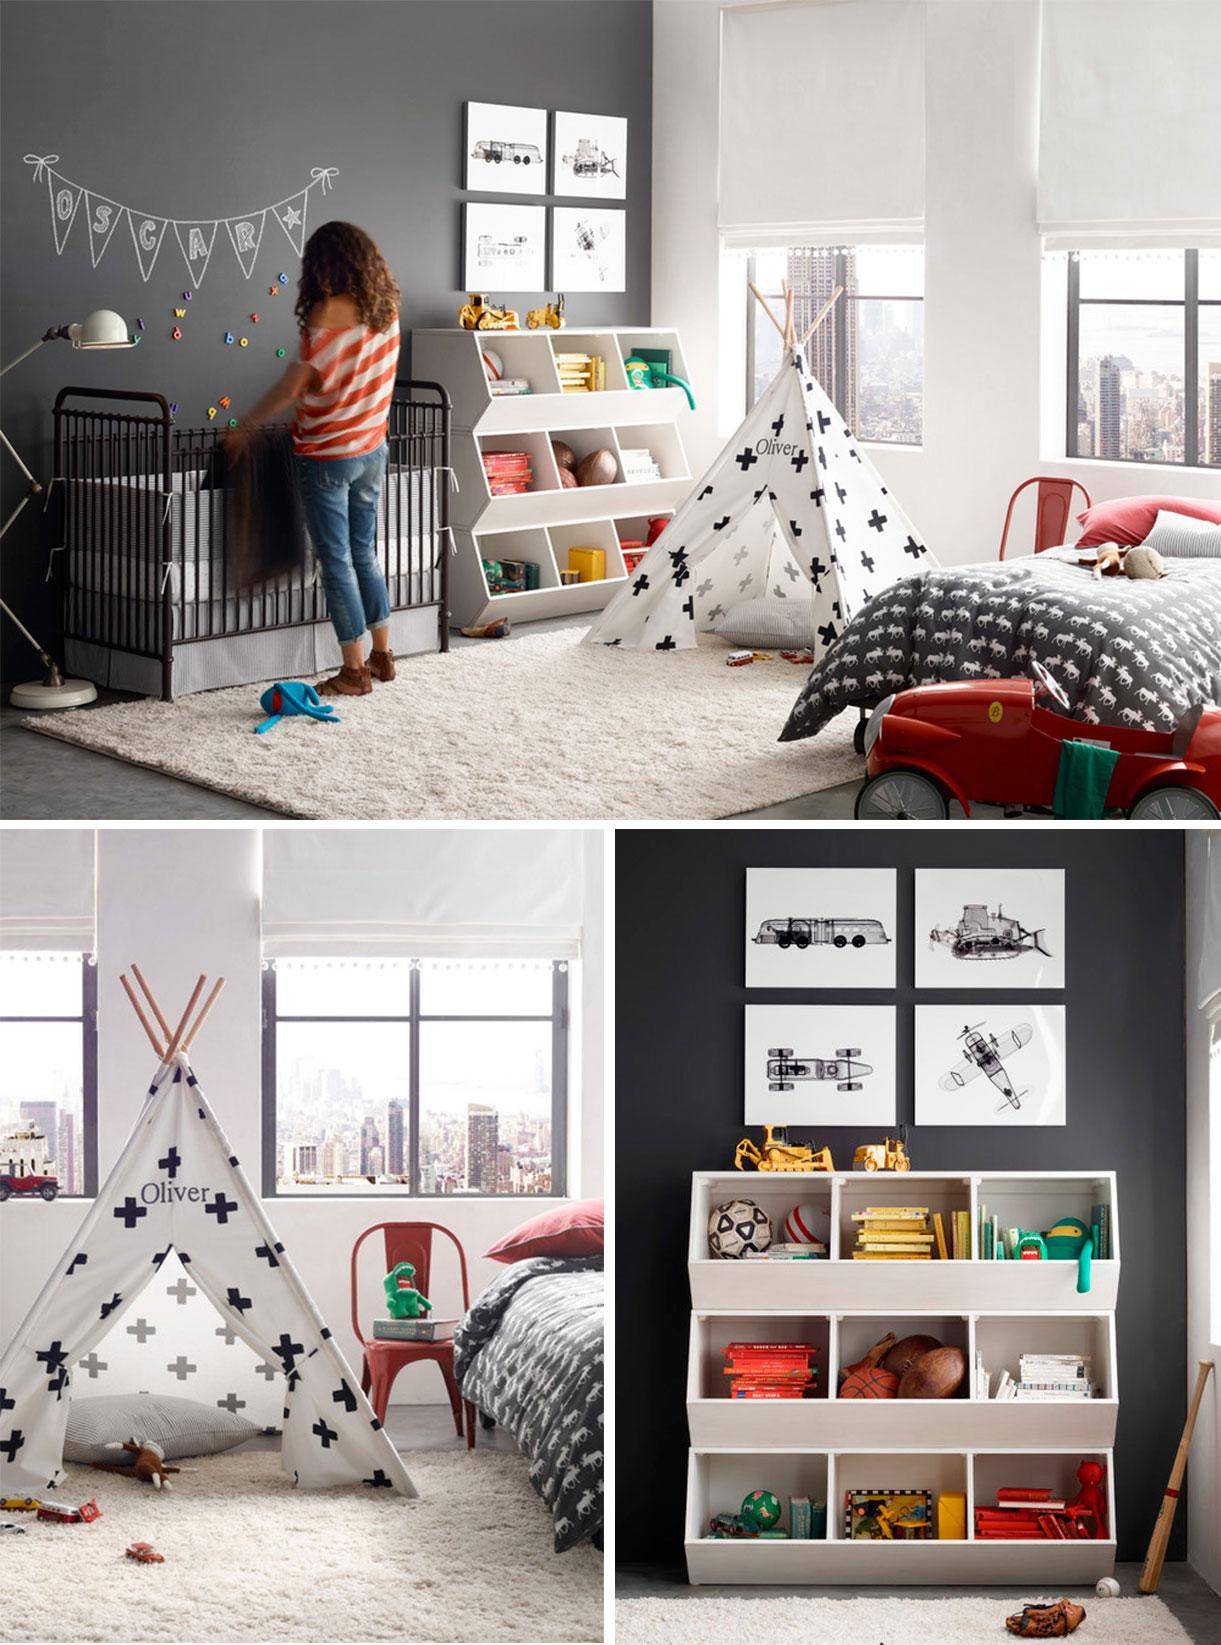 B-dormitorio-infantil-tienda-de-campaña-tipi-decoratualma-dta-niños-bebe